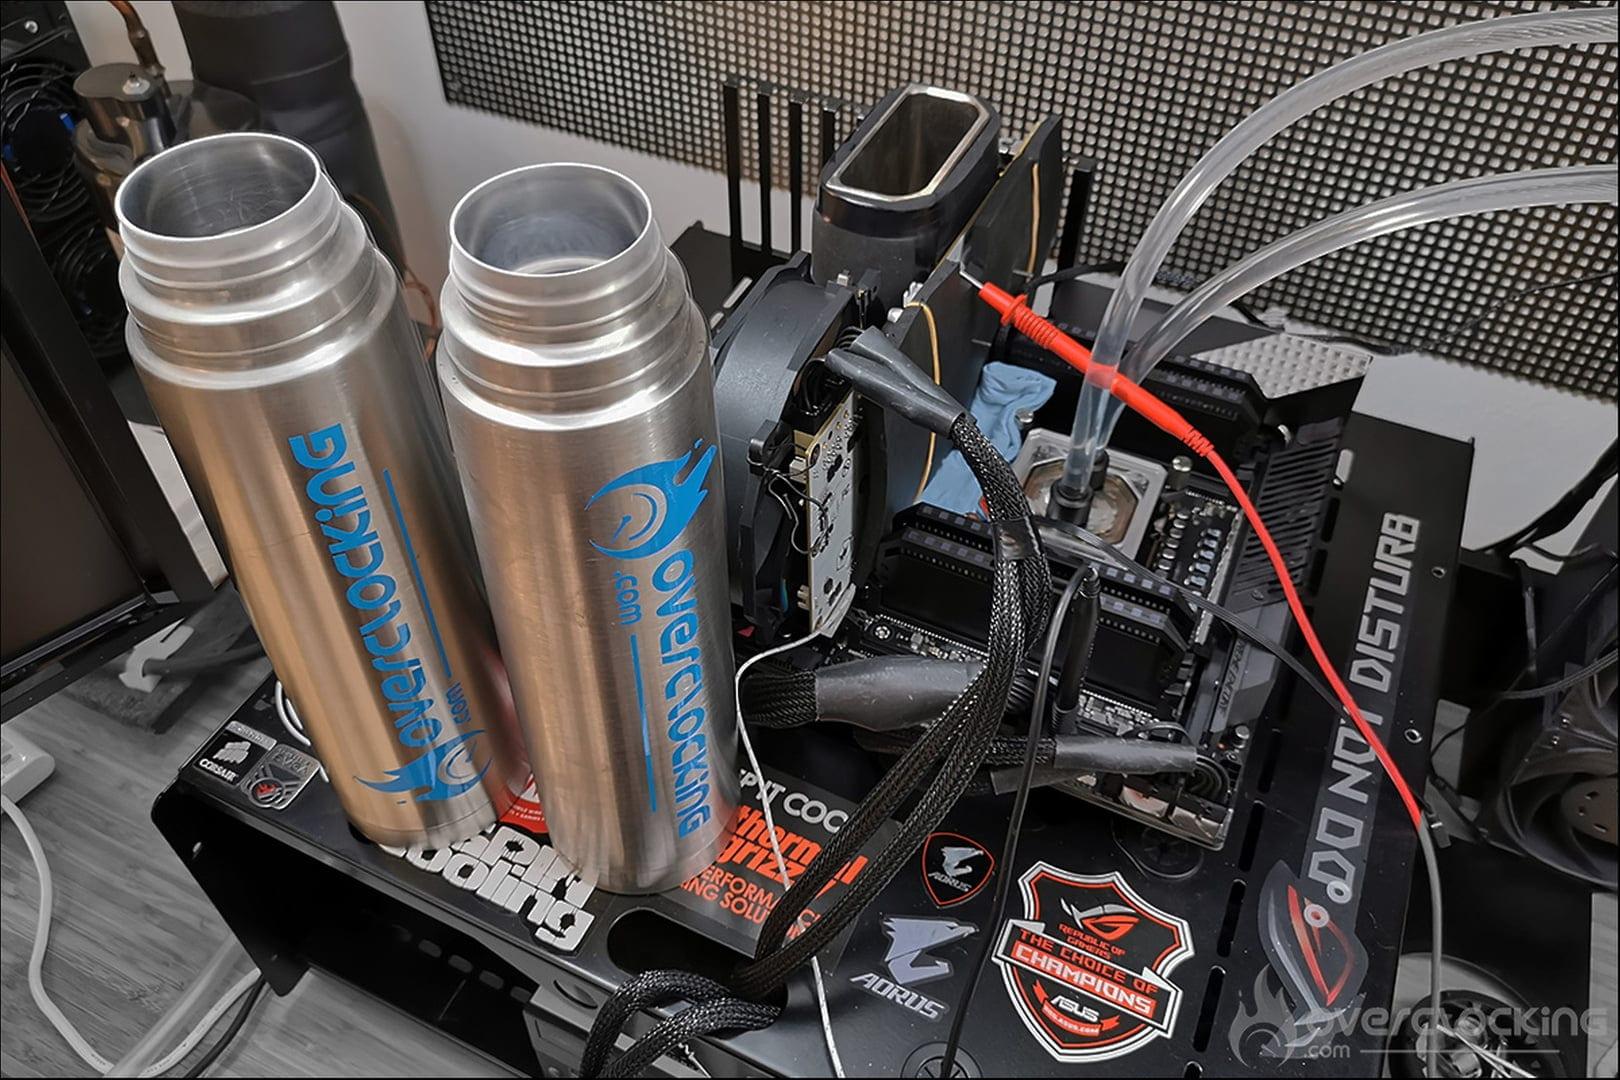 В сети появились характеристики новой флагманской видеокарты AMD Radeon RX 5950 XT